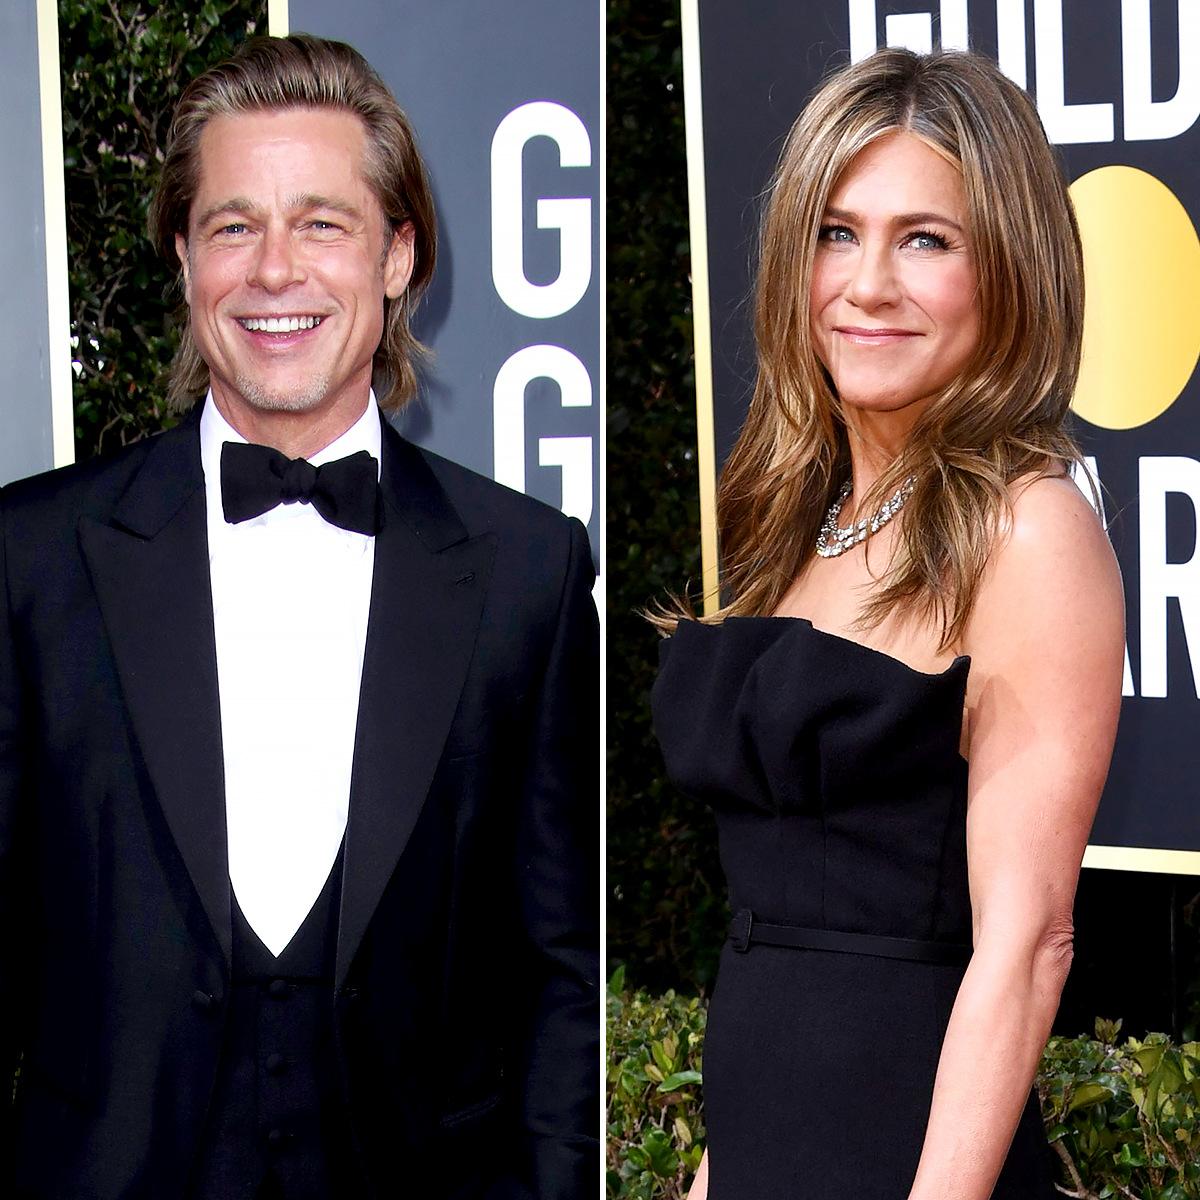 Brad Pitt Jennifer Aniston Good Friends Golden Globes 2020